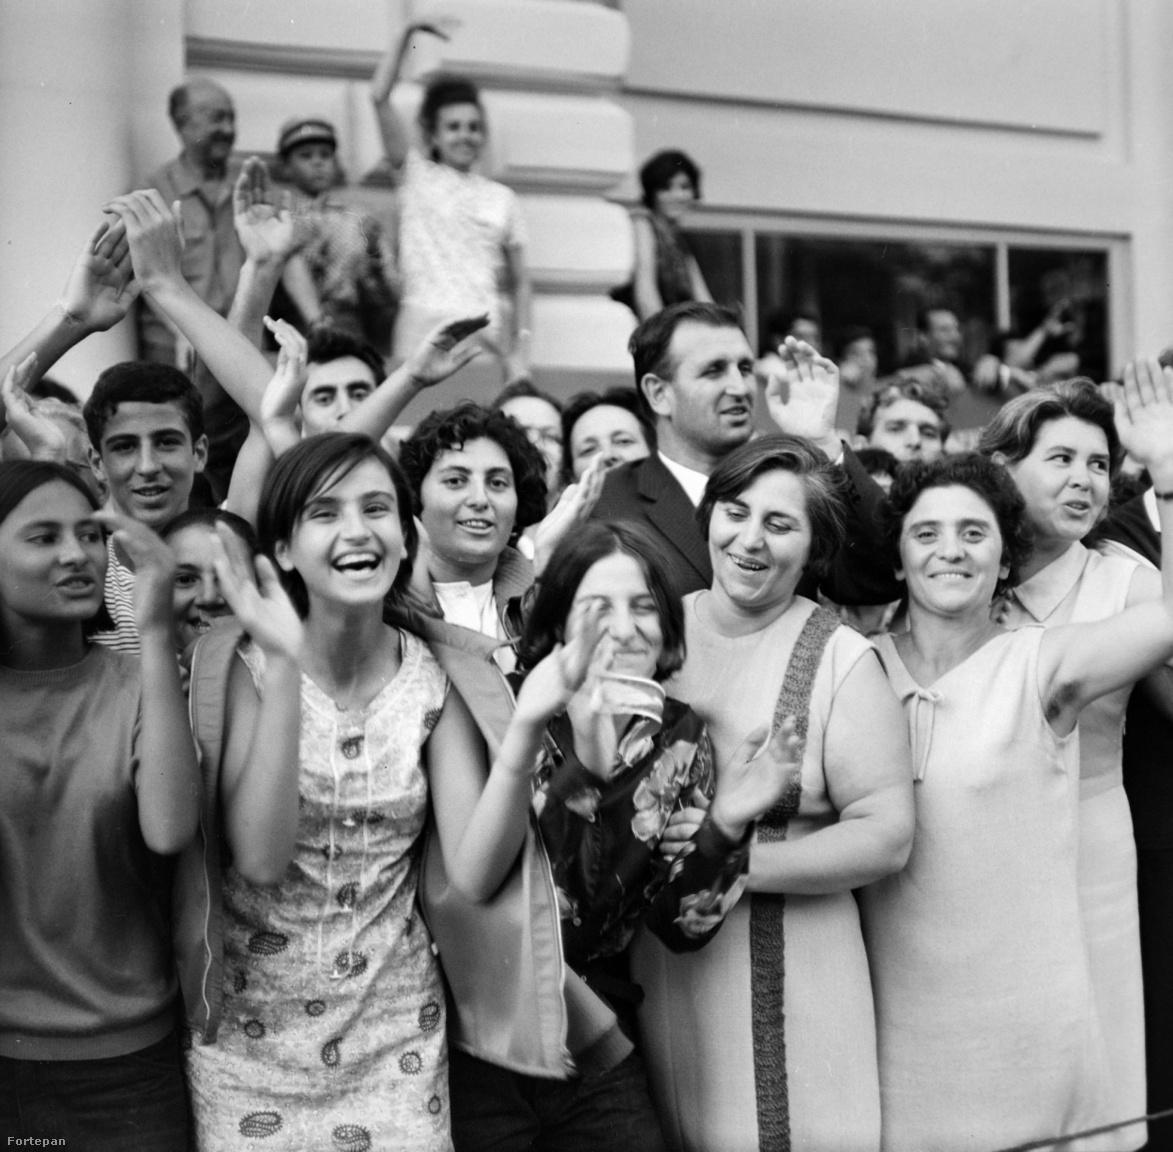 """""""Bulgária már elérte az érett szocialista társadalom építésének szakaszát"""", jöhet az államfejlődés következő szintje - állapította meg a VIT előtt megtartott párkongresszuson                         Zsivkov elvtárs, a nagyjából örökös bolgár pártfőtitkár. A szófiai helyszín szovjet szempontól teljesen biztonsági választás volt, itt nem kellett tartani olyan helyi provokációktól, mint amik a korábbi Világifjúsági Találkozókón például Bécsben vagy Helsinkiben történtek."""